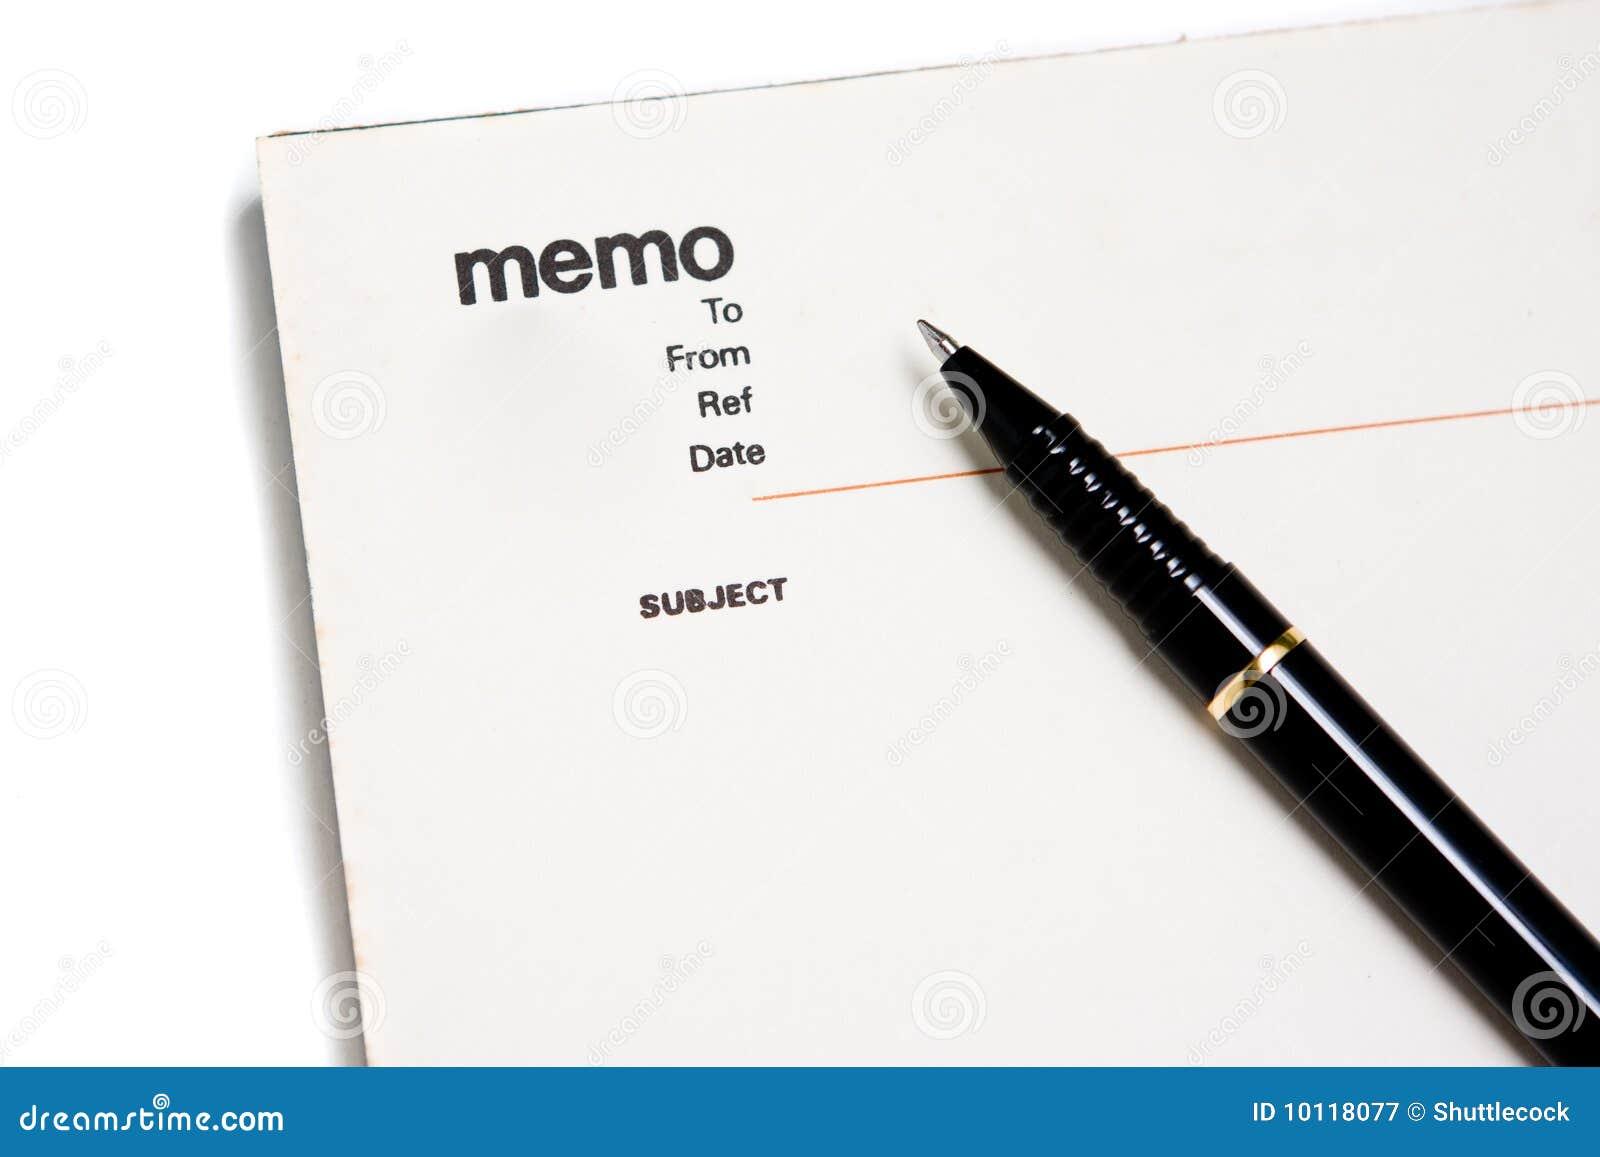 blank memo doc mittnastaliv tk blank memo 23 04 2017